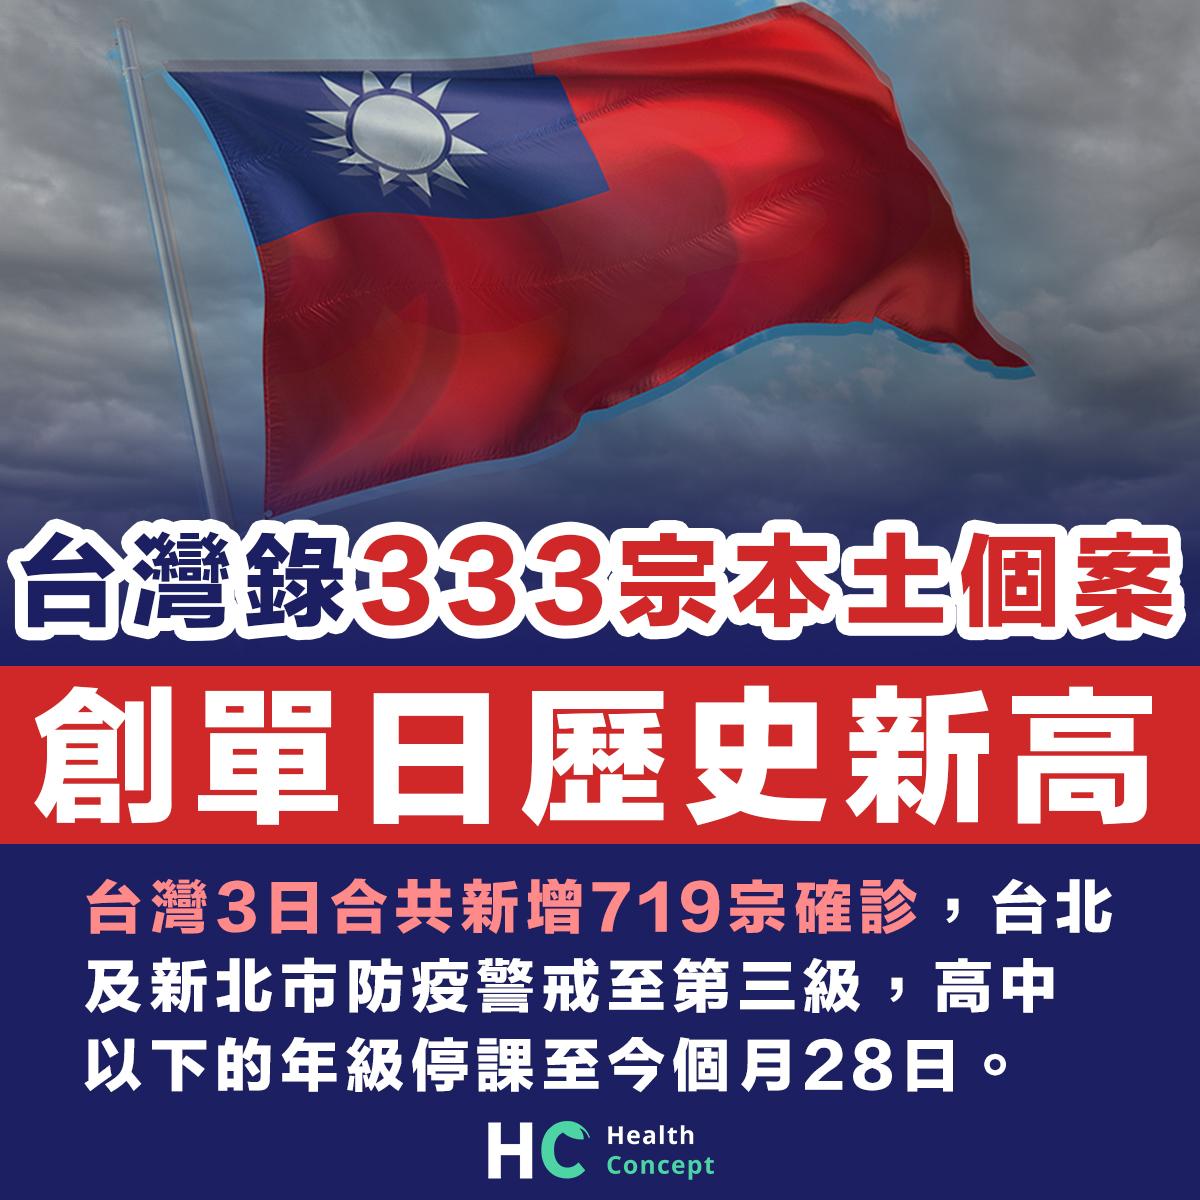 台灣急增333宗本土個案